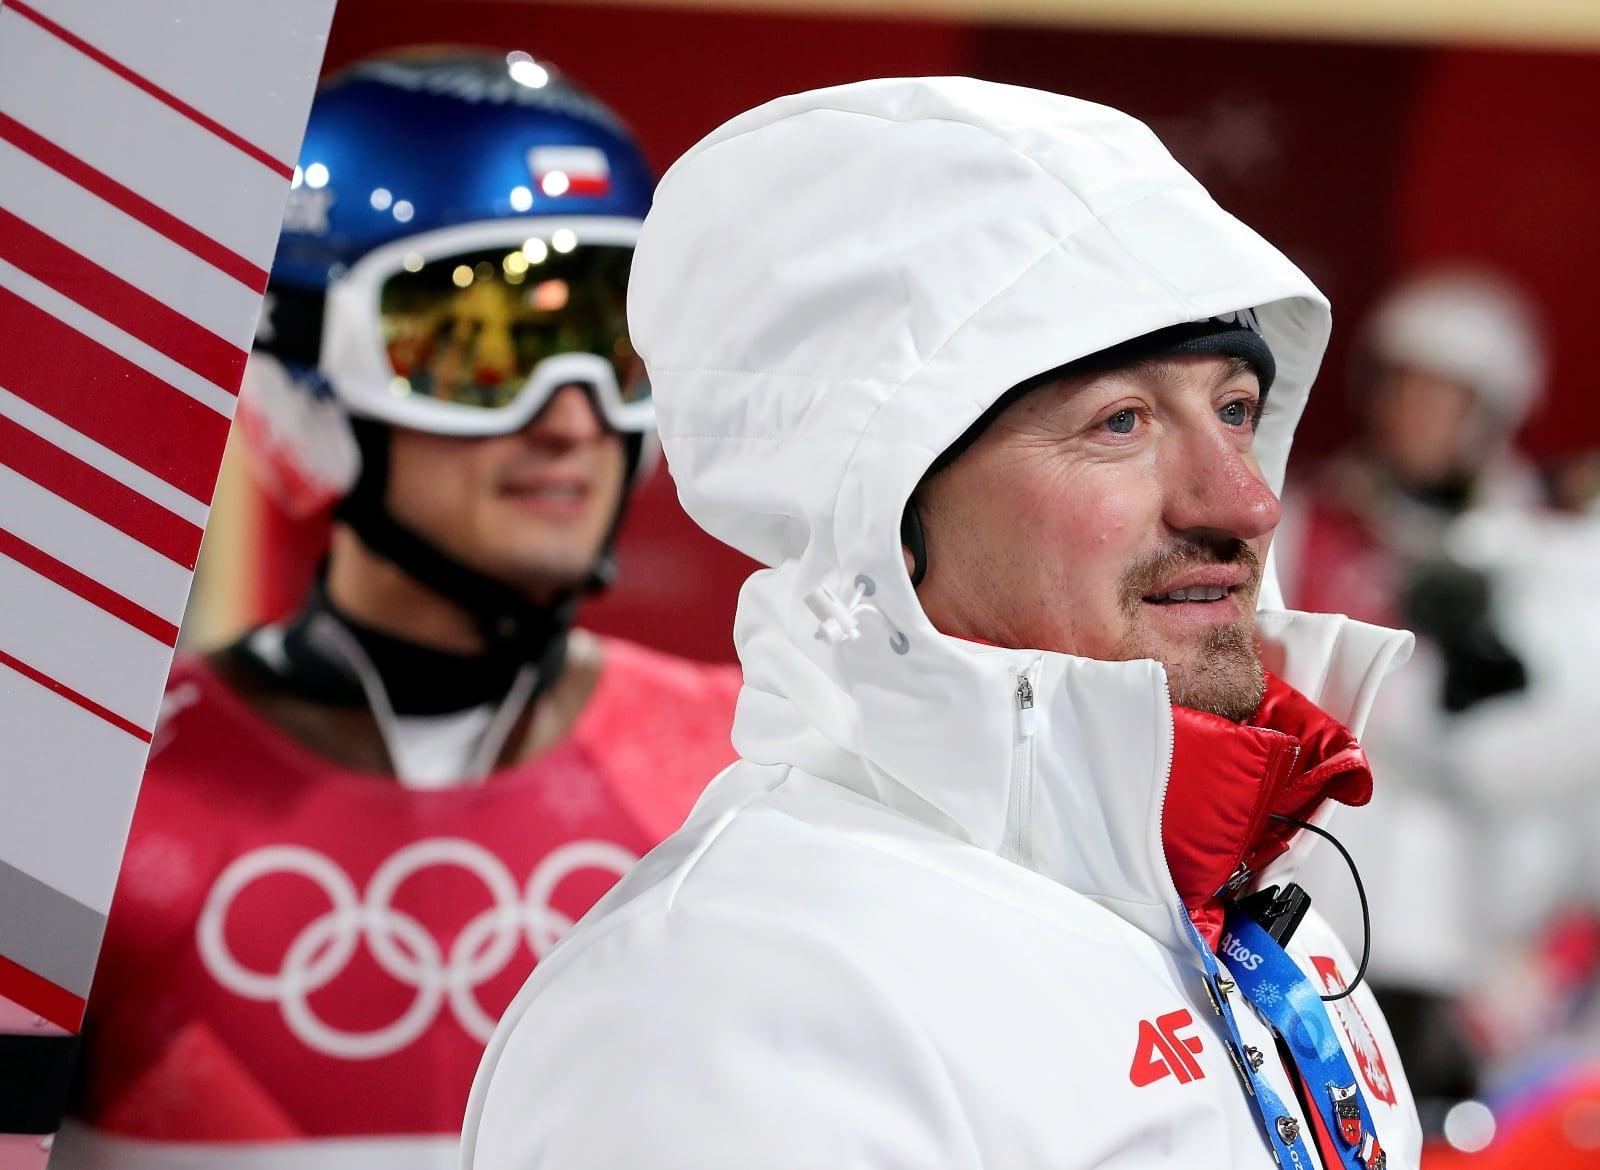 Pjongczang, Zimowe Igrzyska Olimpijskie - Adam Małysz na kwalifikacjach do indywidualnego konkursu PAP/Grzegorz Momot